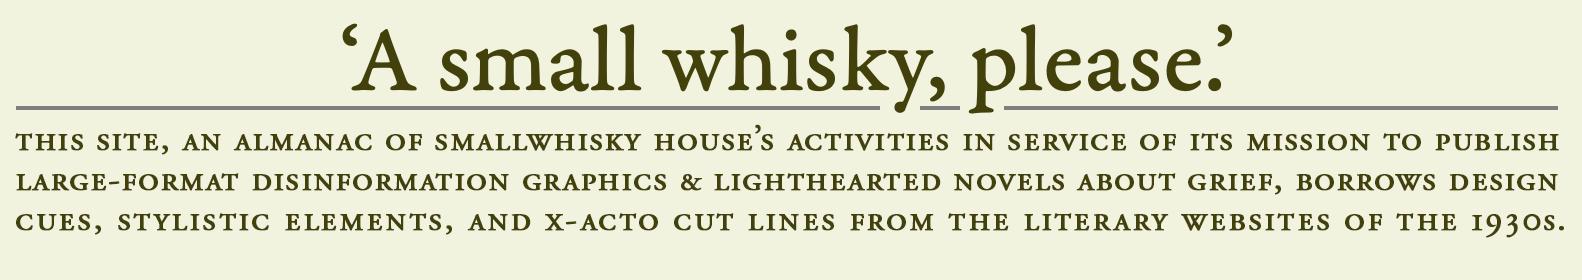 smallwhisky.com masthead